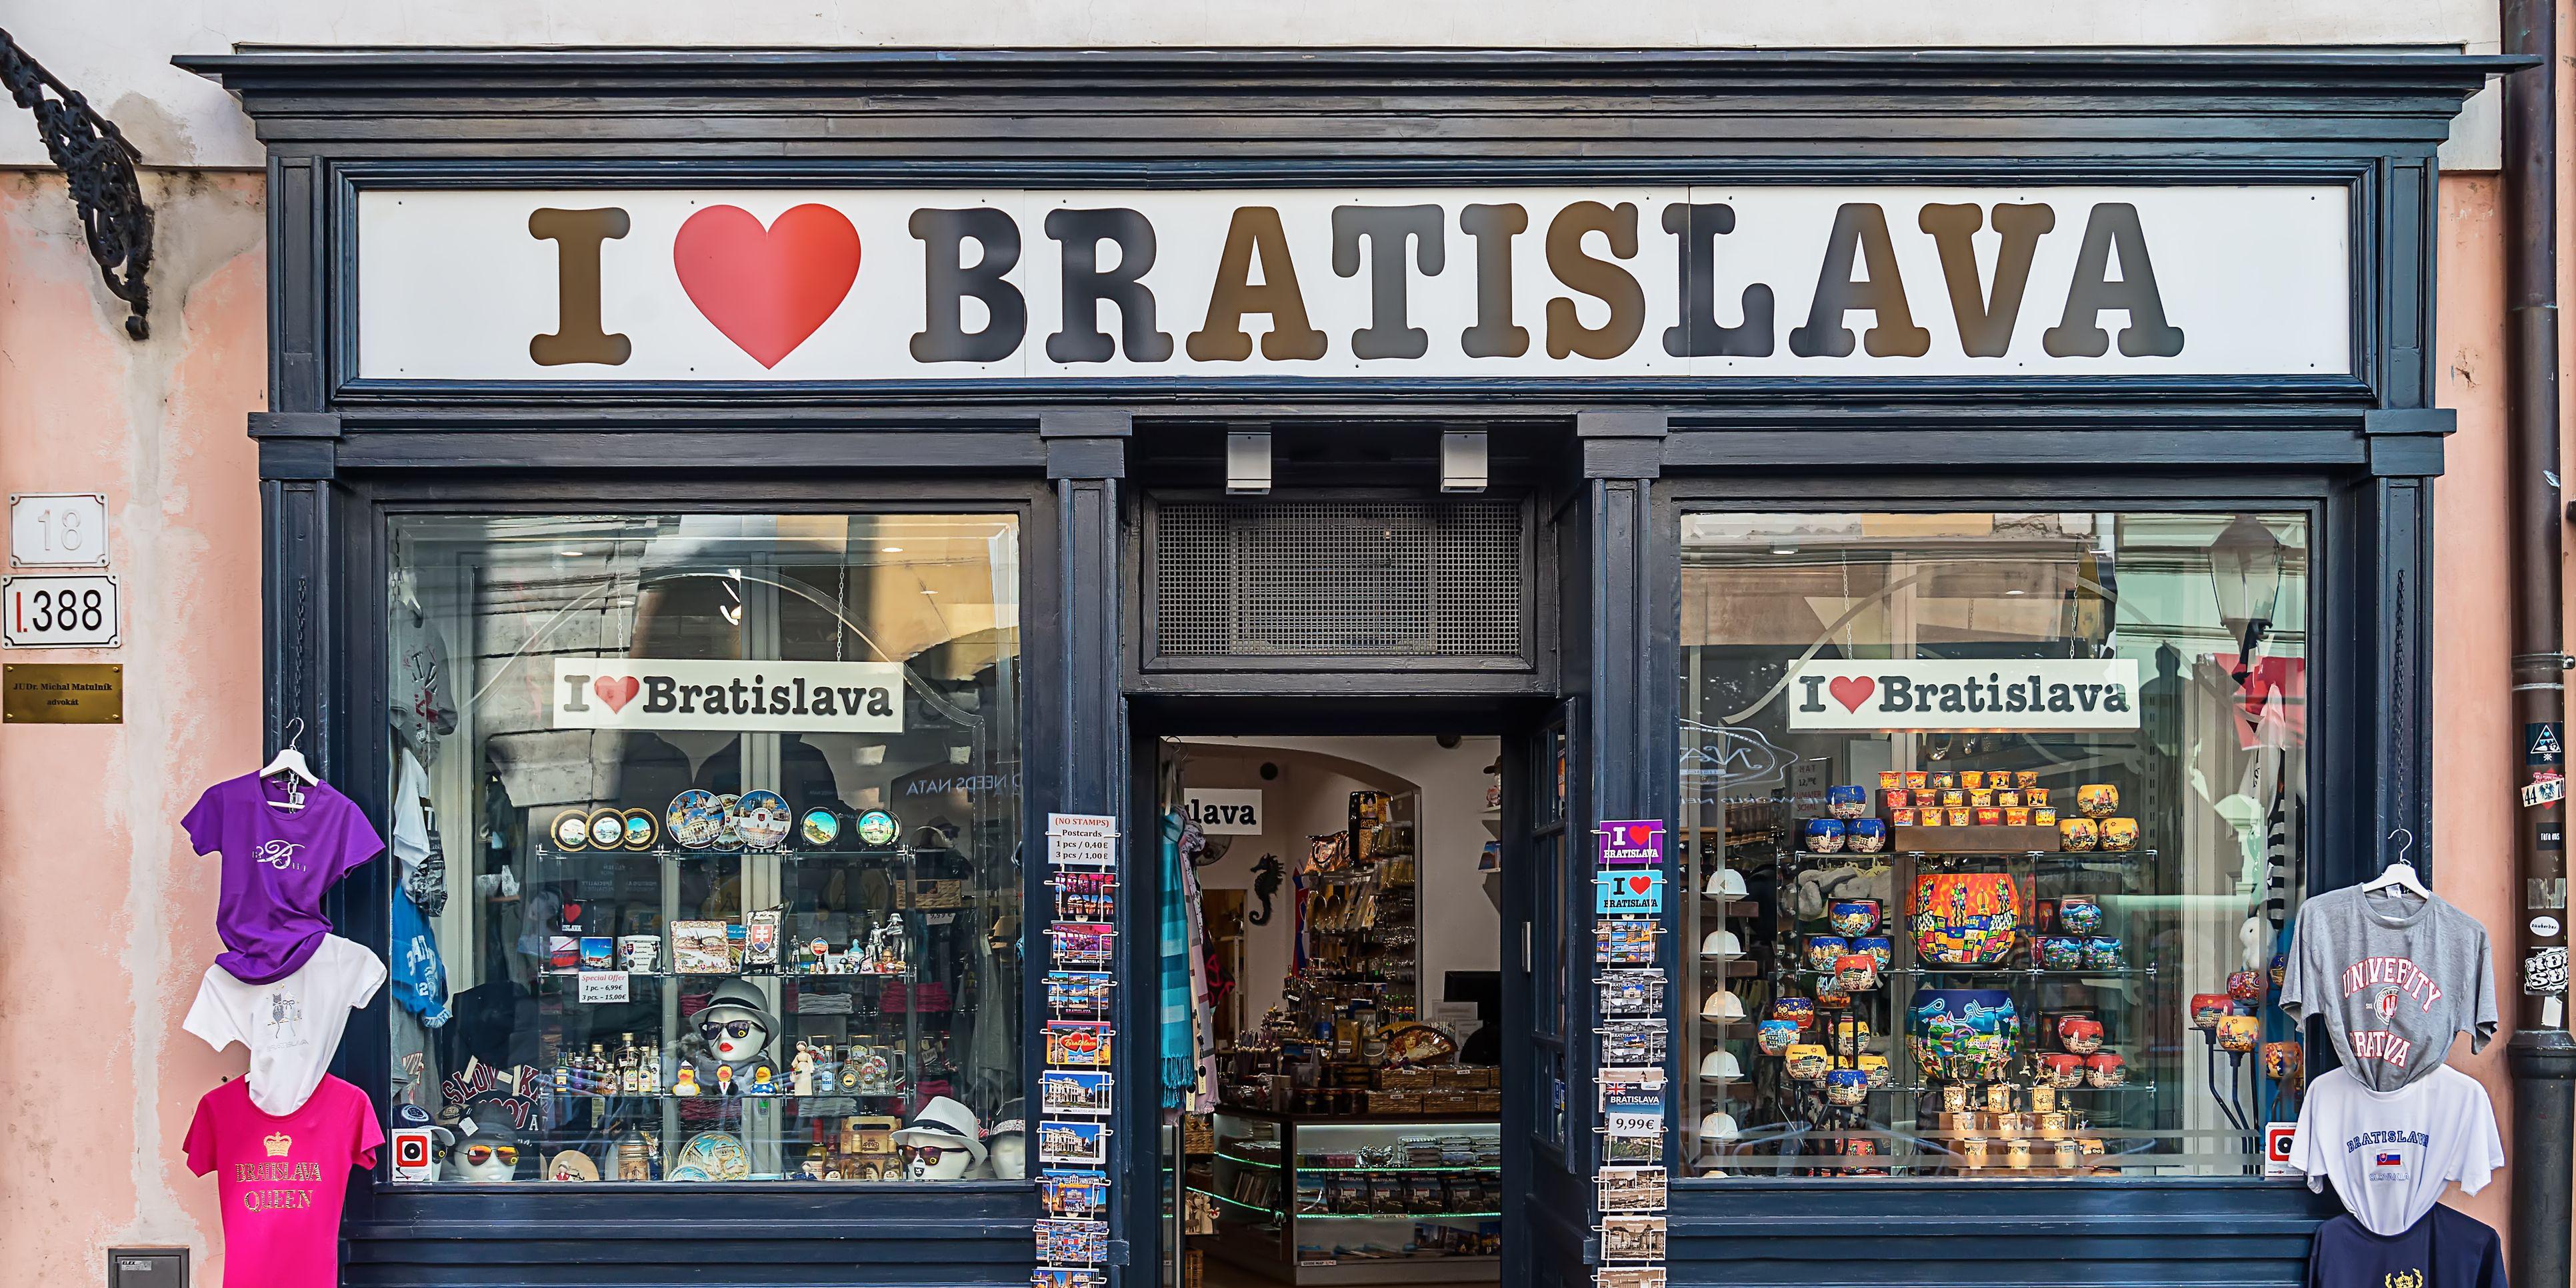 I love Bratislava.